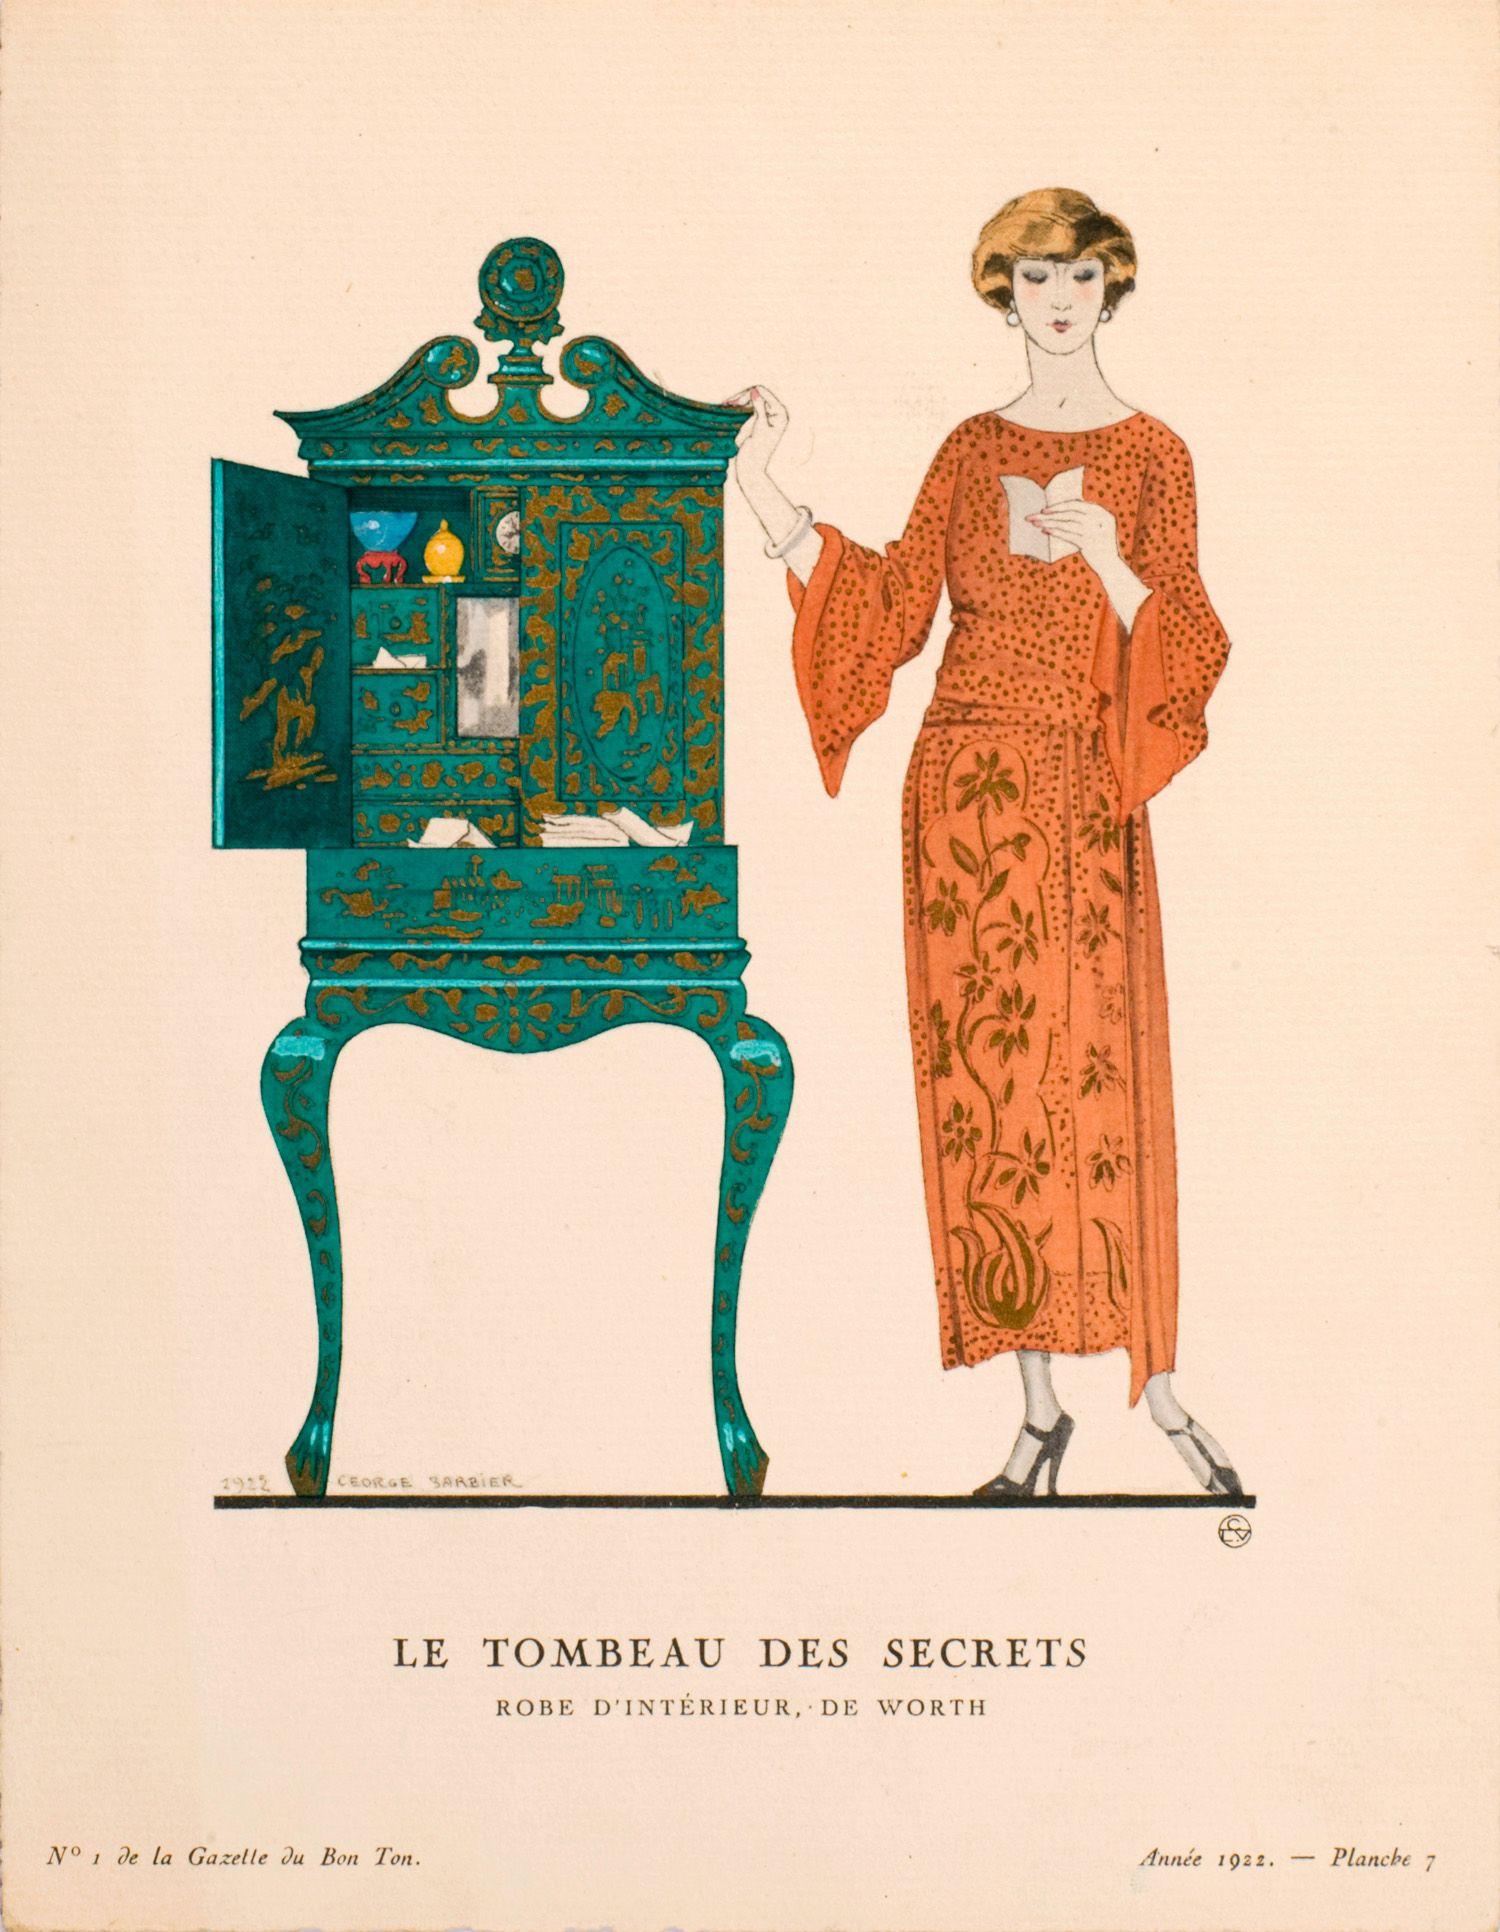 Le tombeau des secrets | Georges Barbier | Gazette du Bon Ton